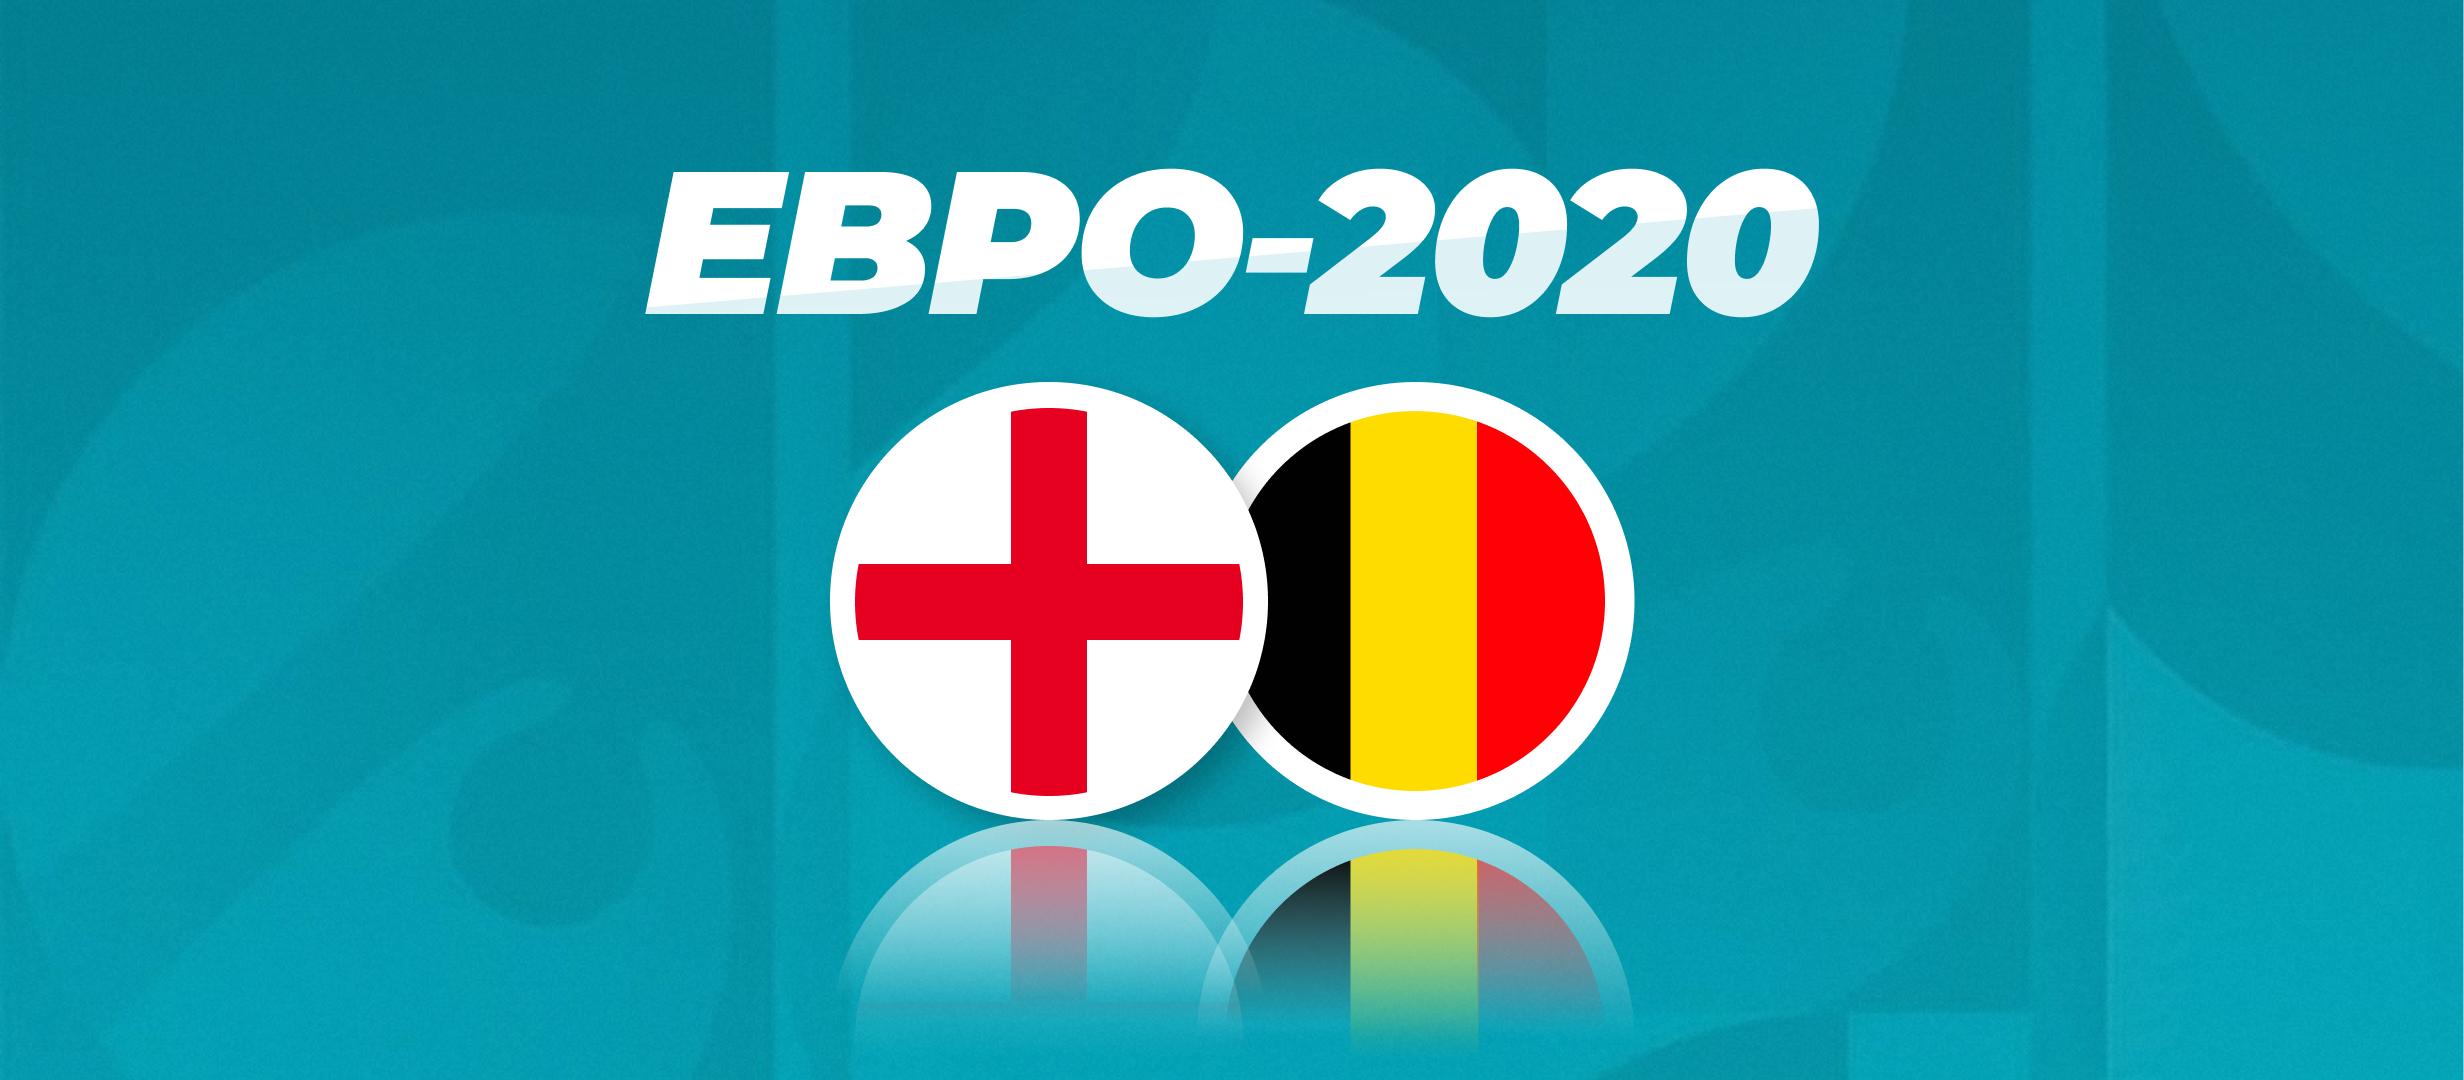 Ставки и коэффициенты на победителя Евро-2020: главные фавориты